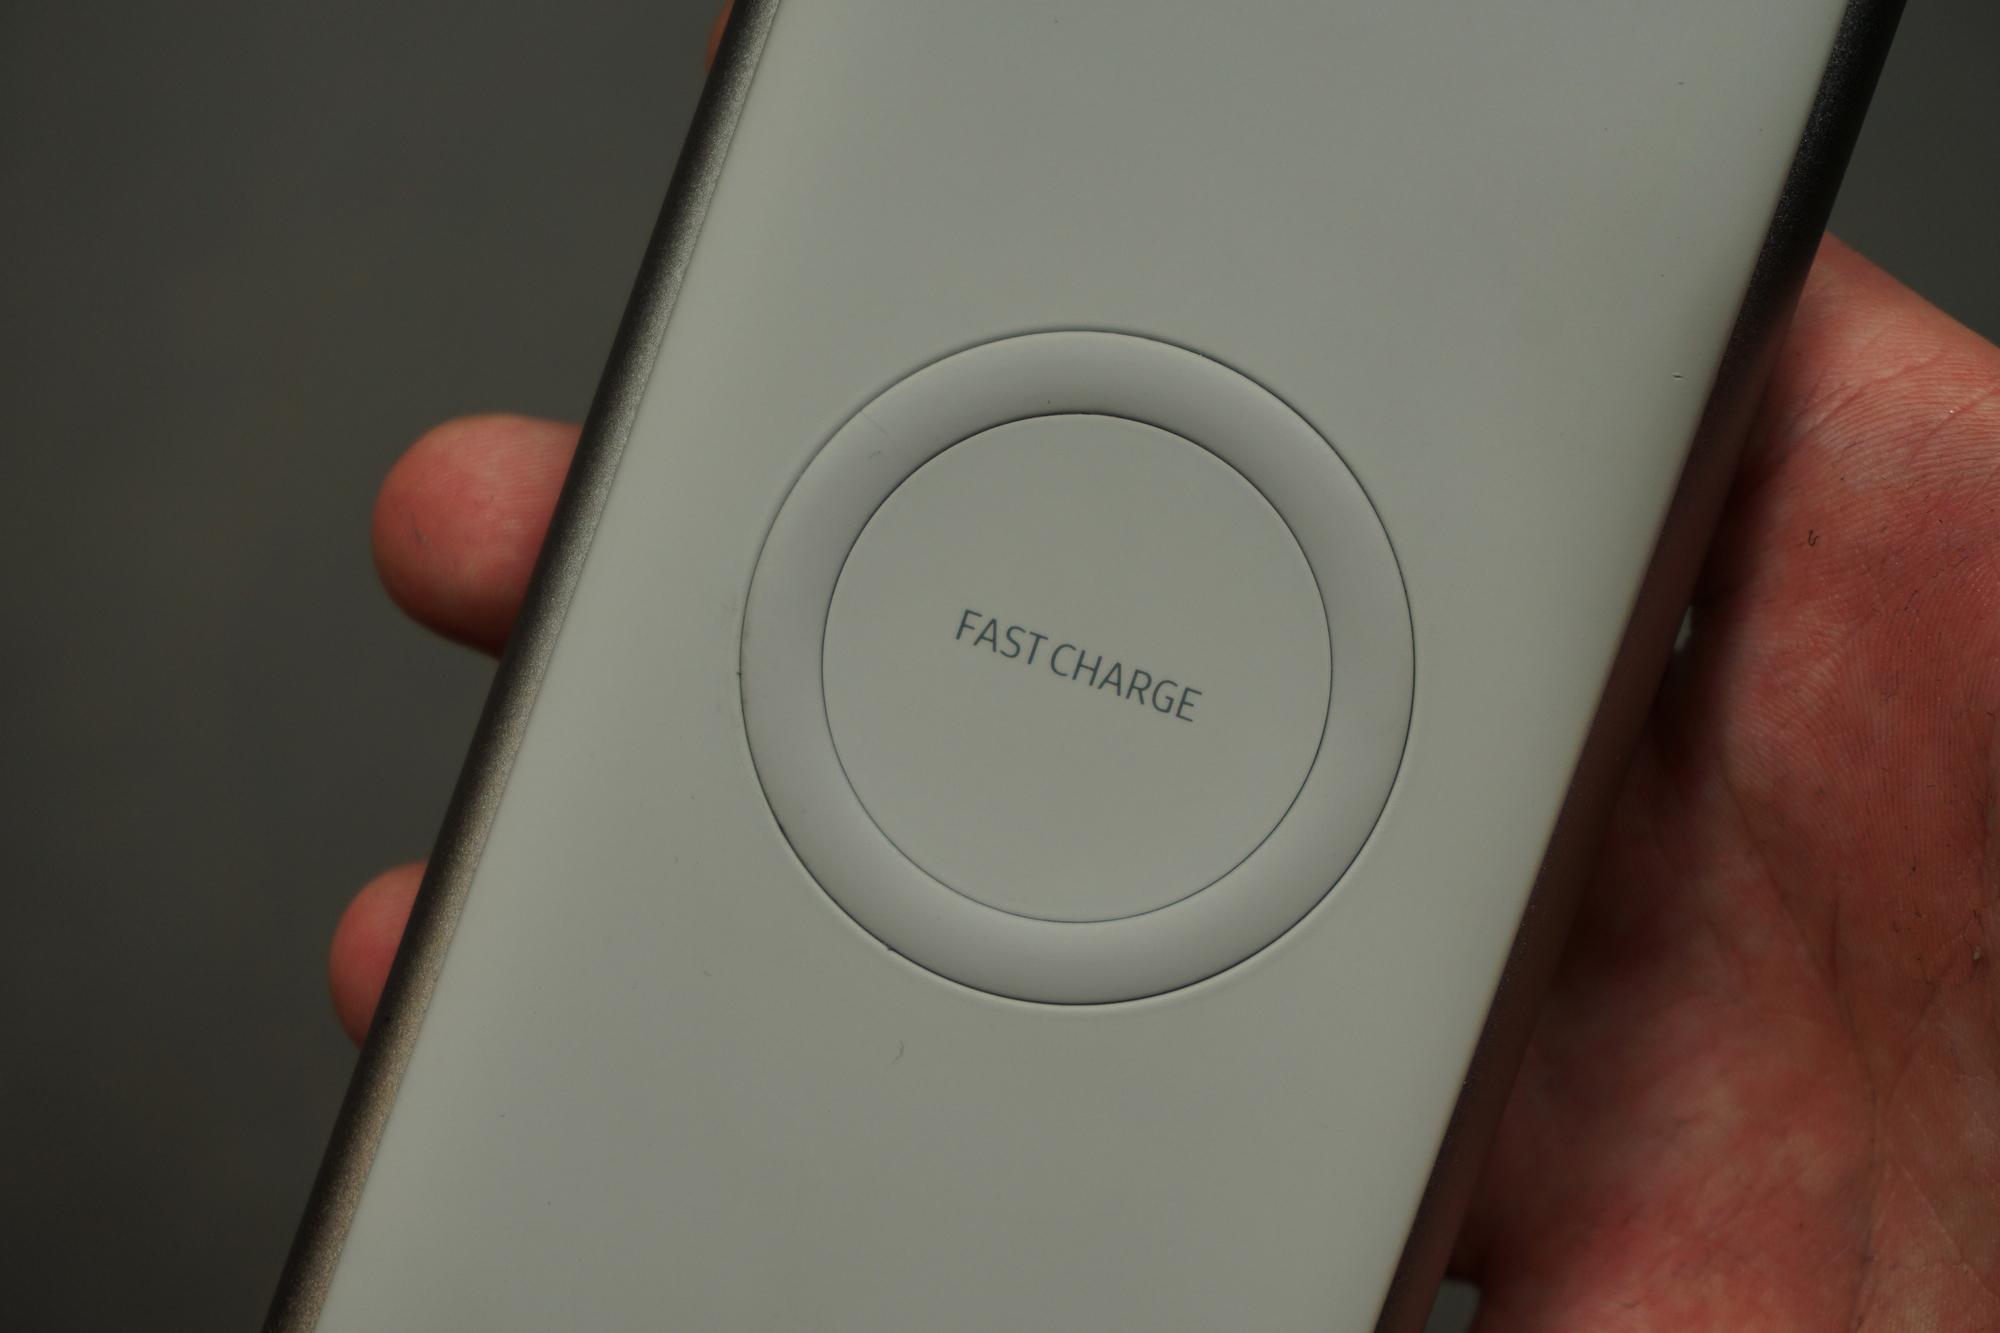 Recenzja Samsung Wireless Battery Pack - świetnie wykonanego powerbanku indukcyjnego 22 Samsung Wireless Battery Pack